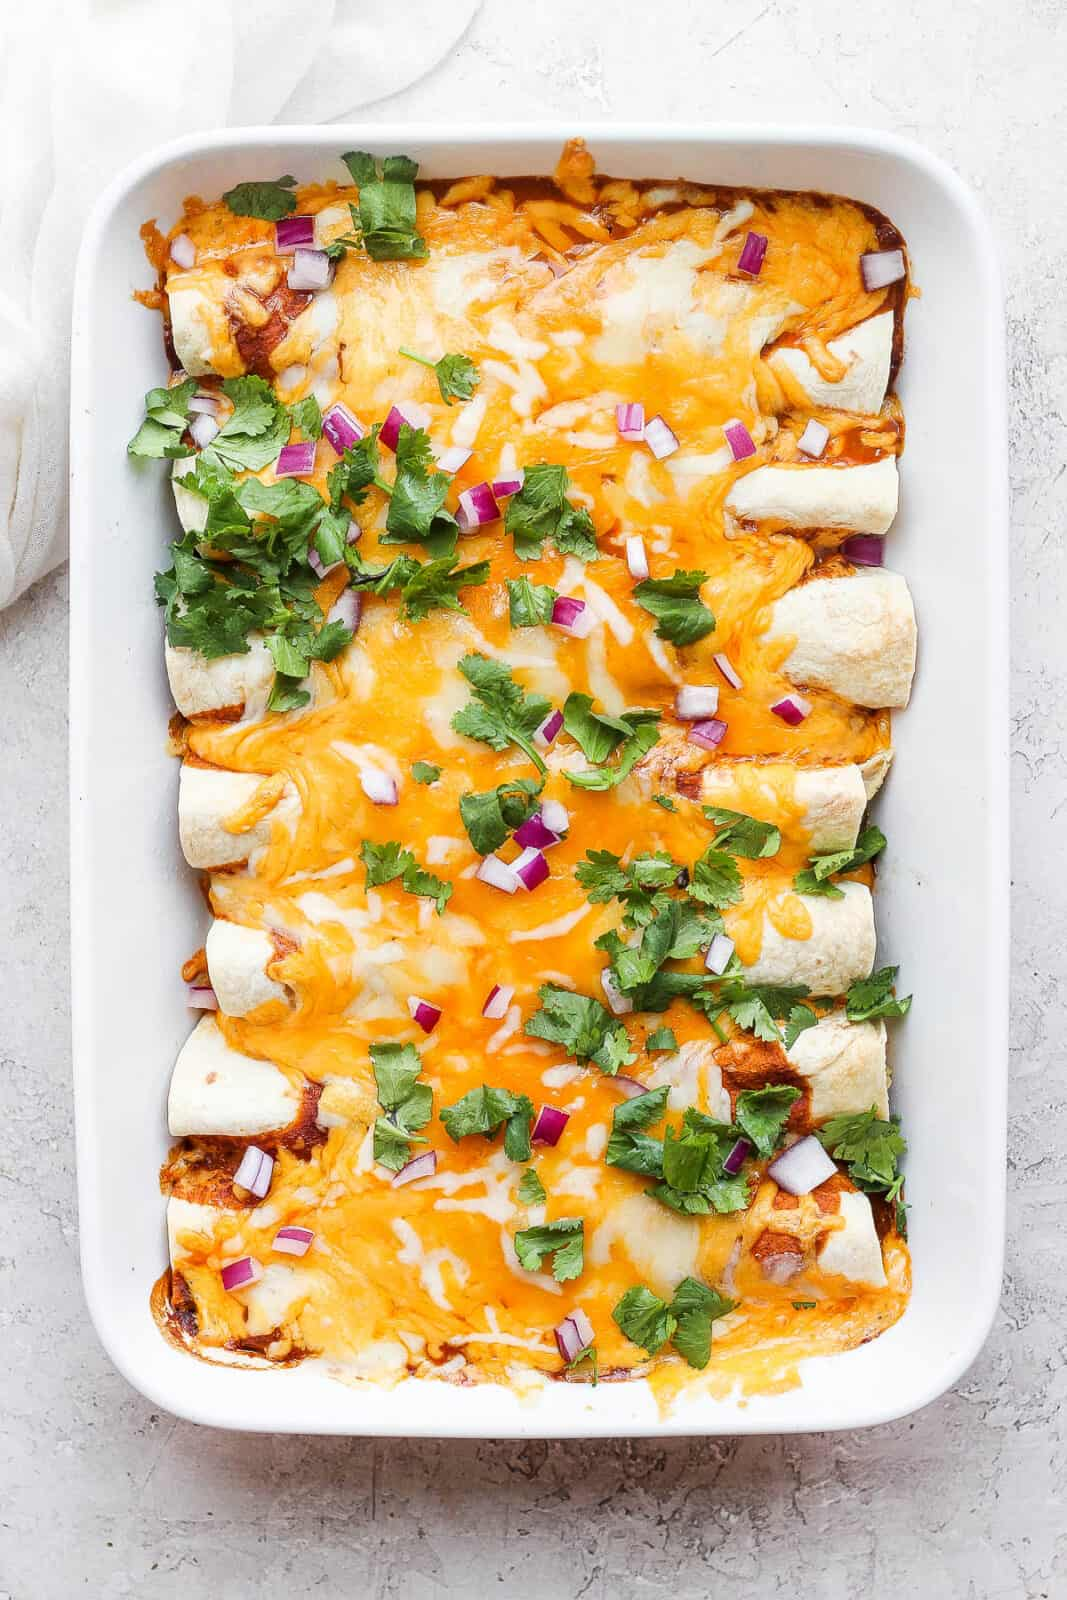 Chicken enchiladas in a baking dish.